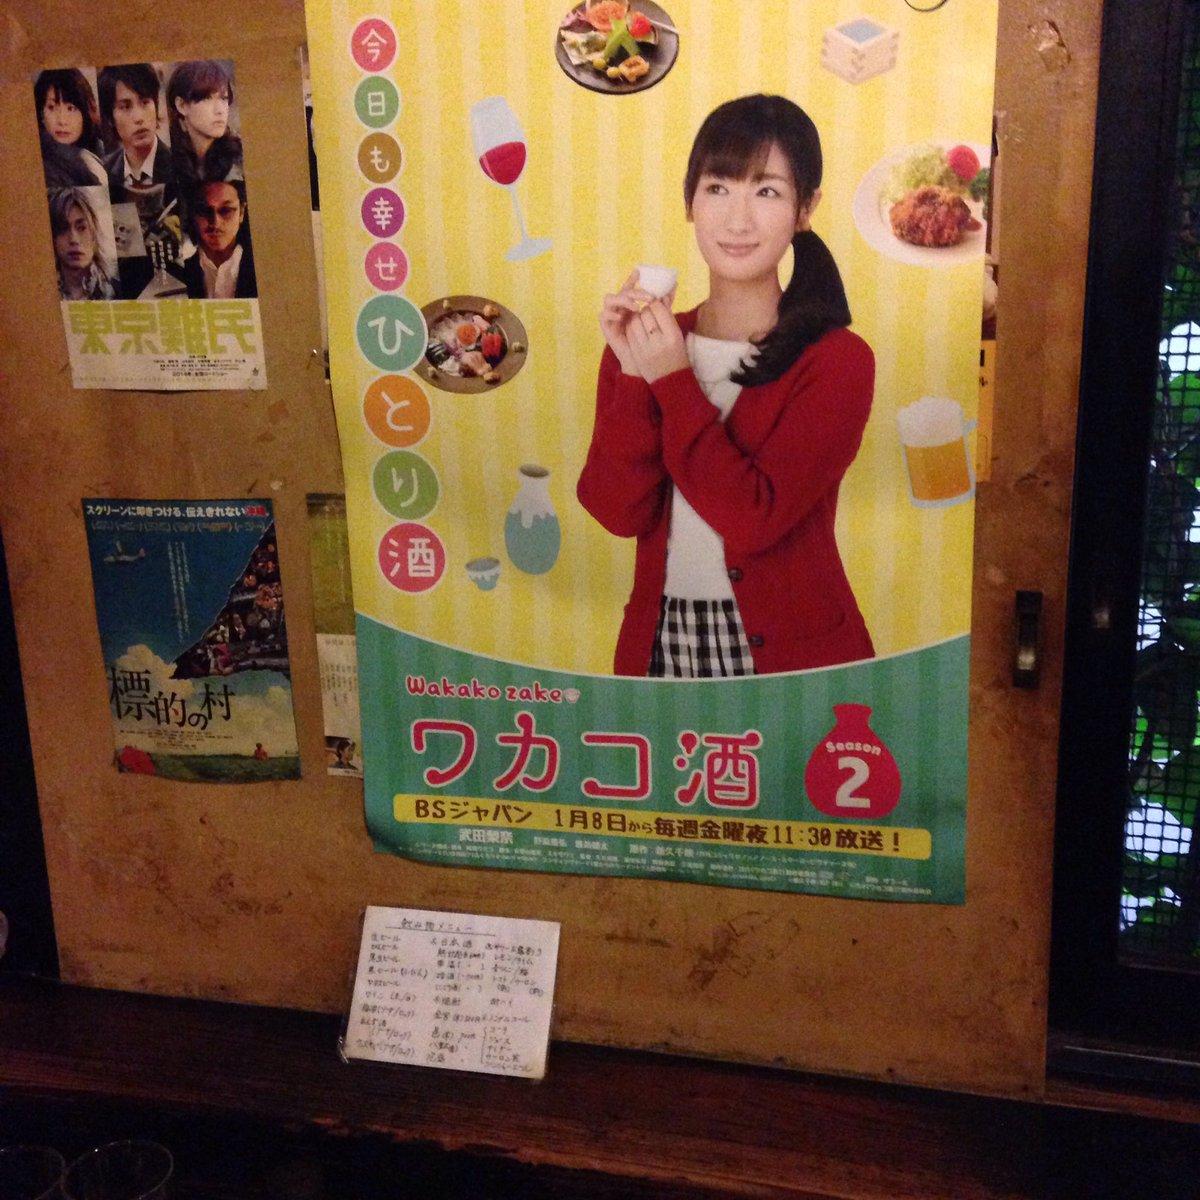 『ワカコ酒Season2』11話「呑み会初幹事、焼きとん」の舞台となった新宿ボルガで呑んでます。ちゃんとポスター貼ってく